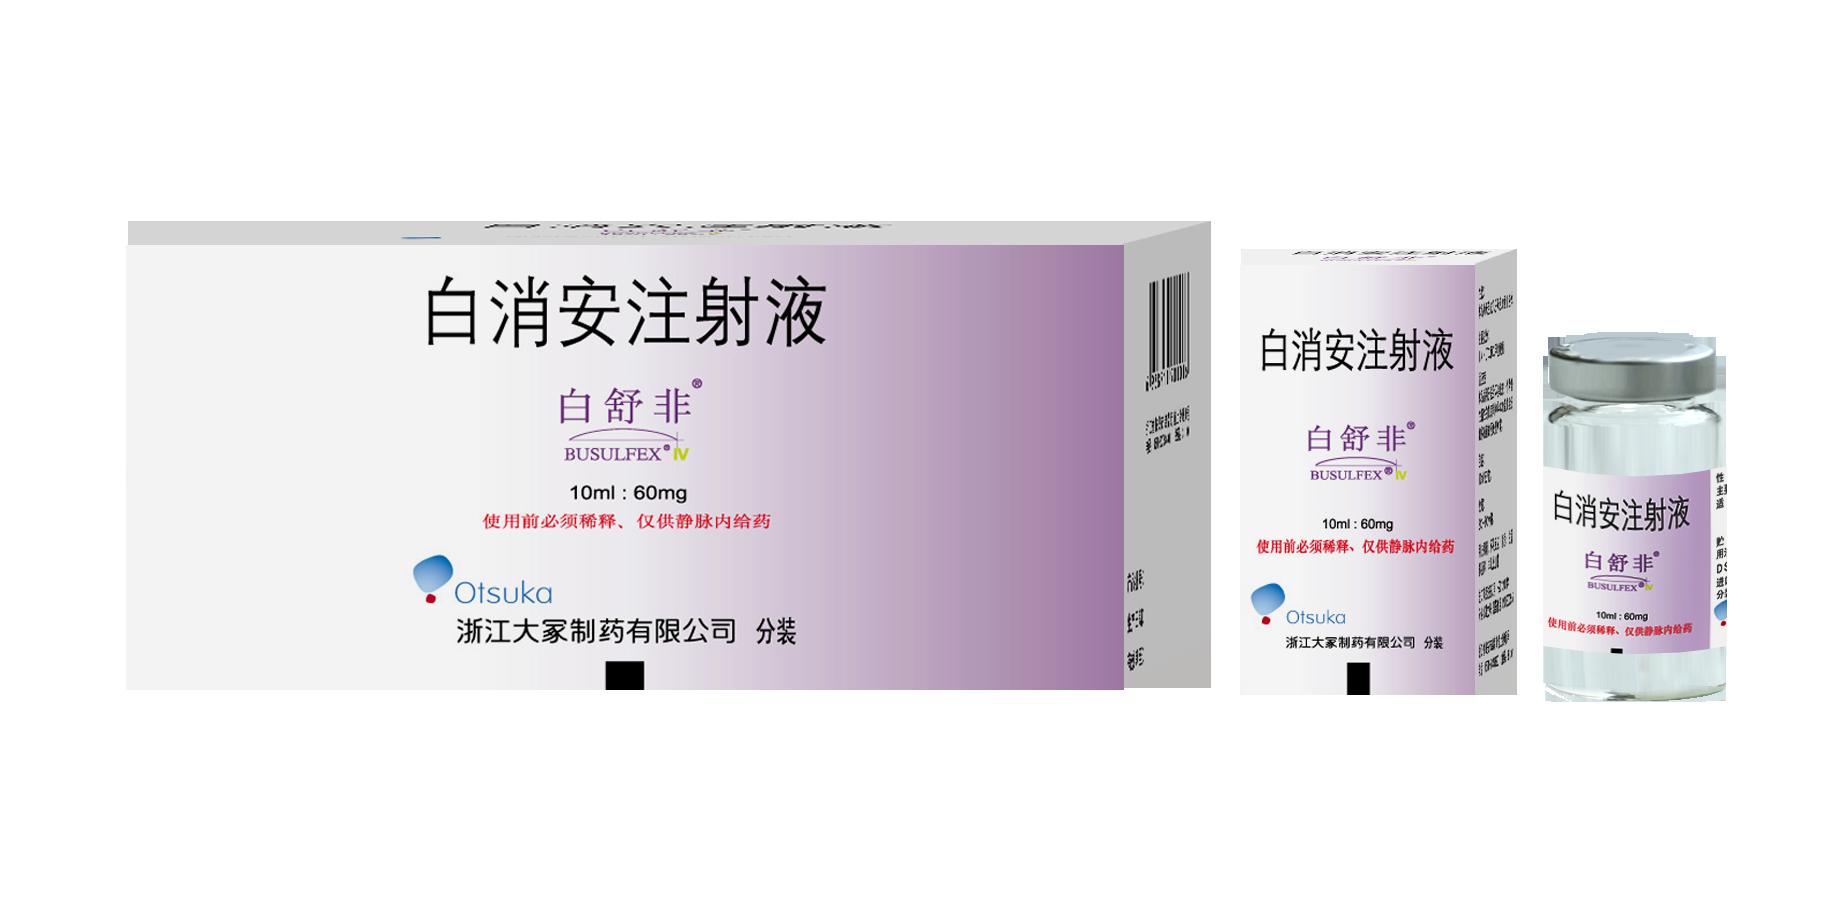 Pharmaceuticals_Otsuka (China) Investment Co., Ltd.